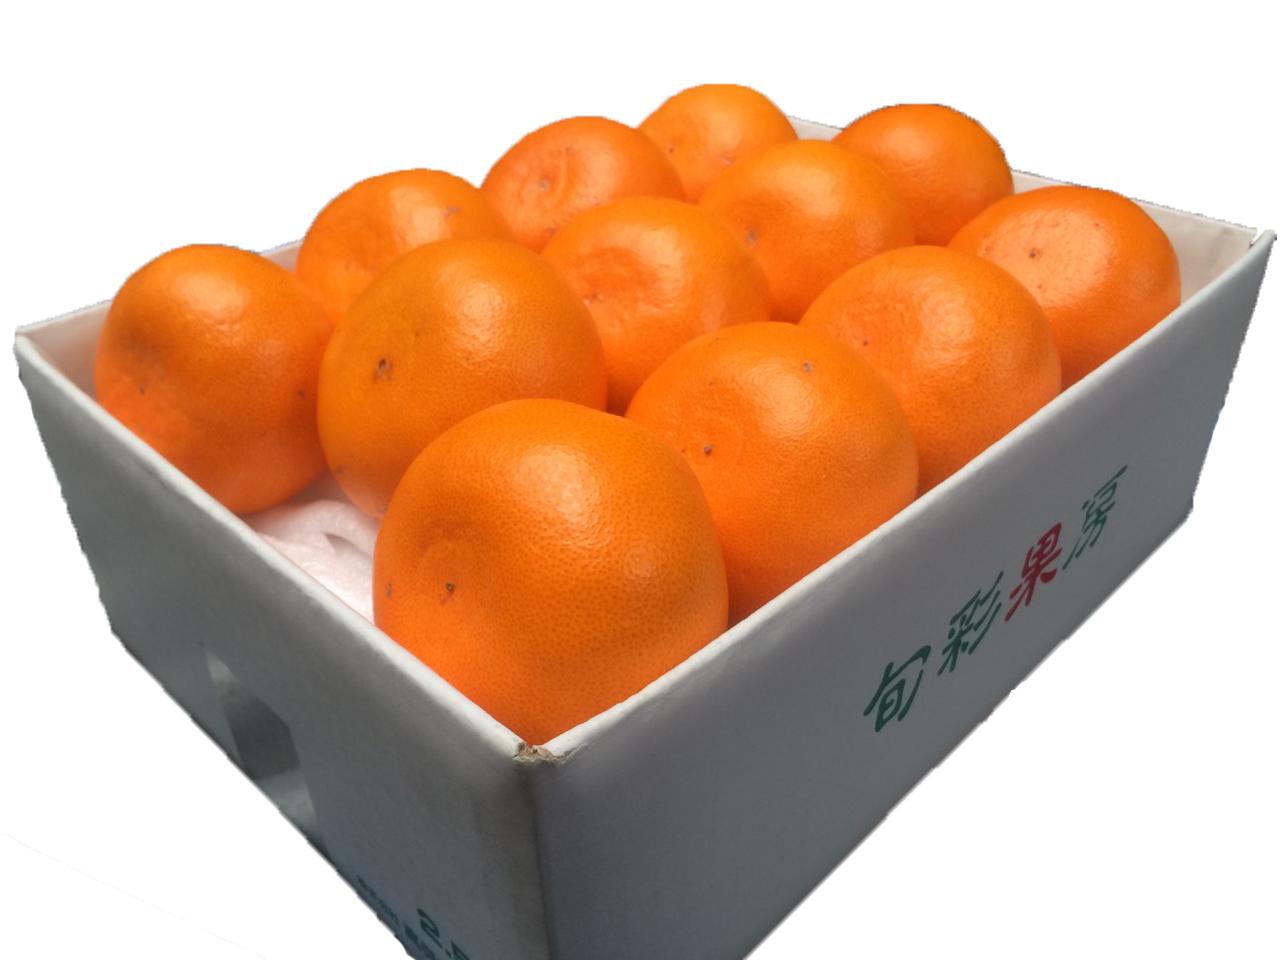 愛媛県産 せとか 約2.5kg (10~13玉)【028】